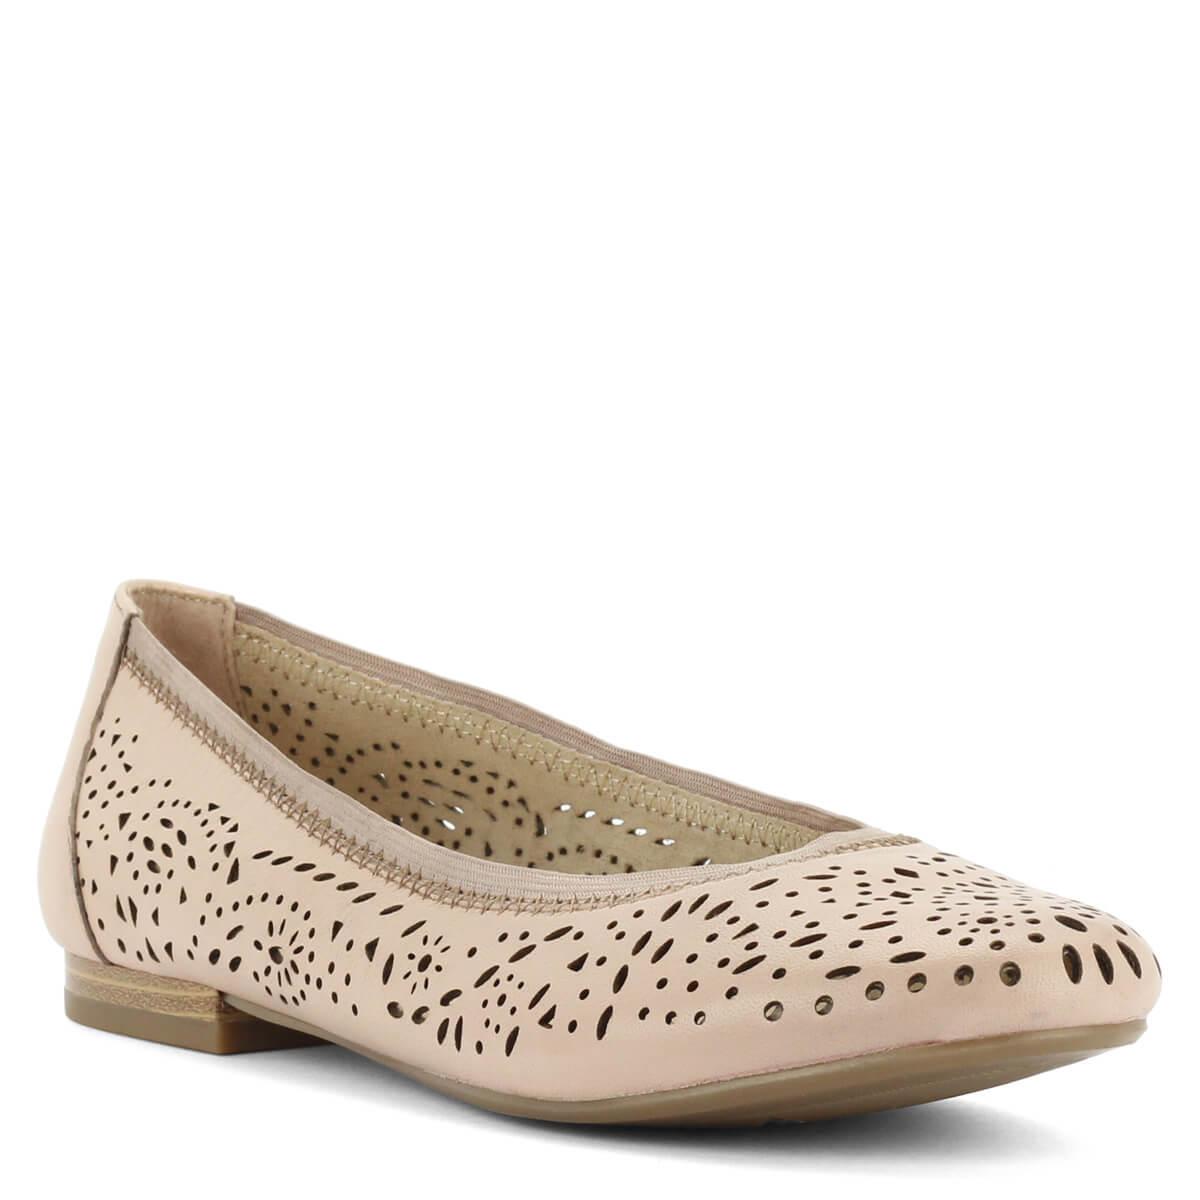 Rózsaszín Caprice balerina cipő bőr felsőrésszel. Könnyű kényelmes cipő. 54e67f60e3